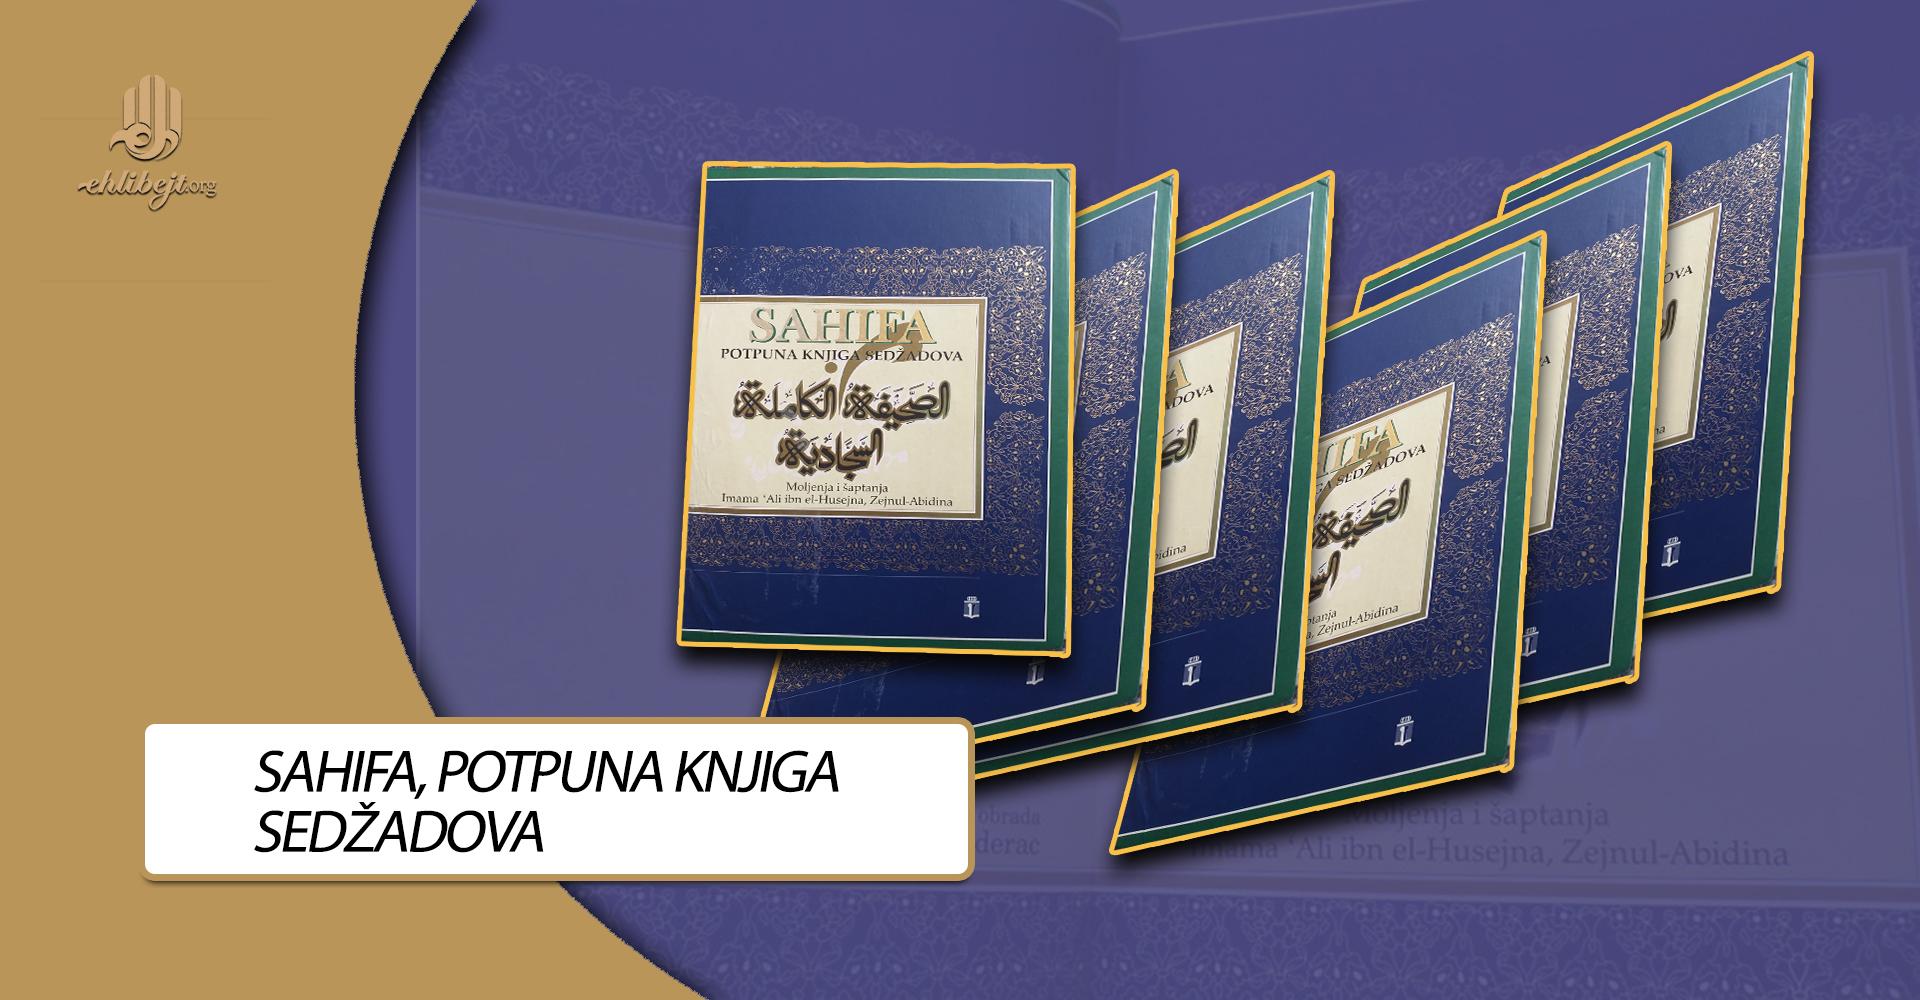 Sahifa, potpuna knjiga Sedžadova